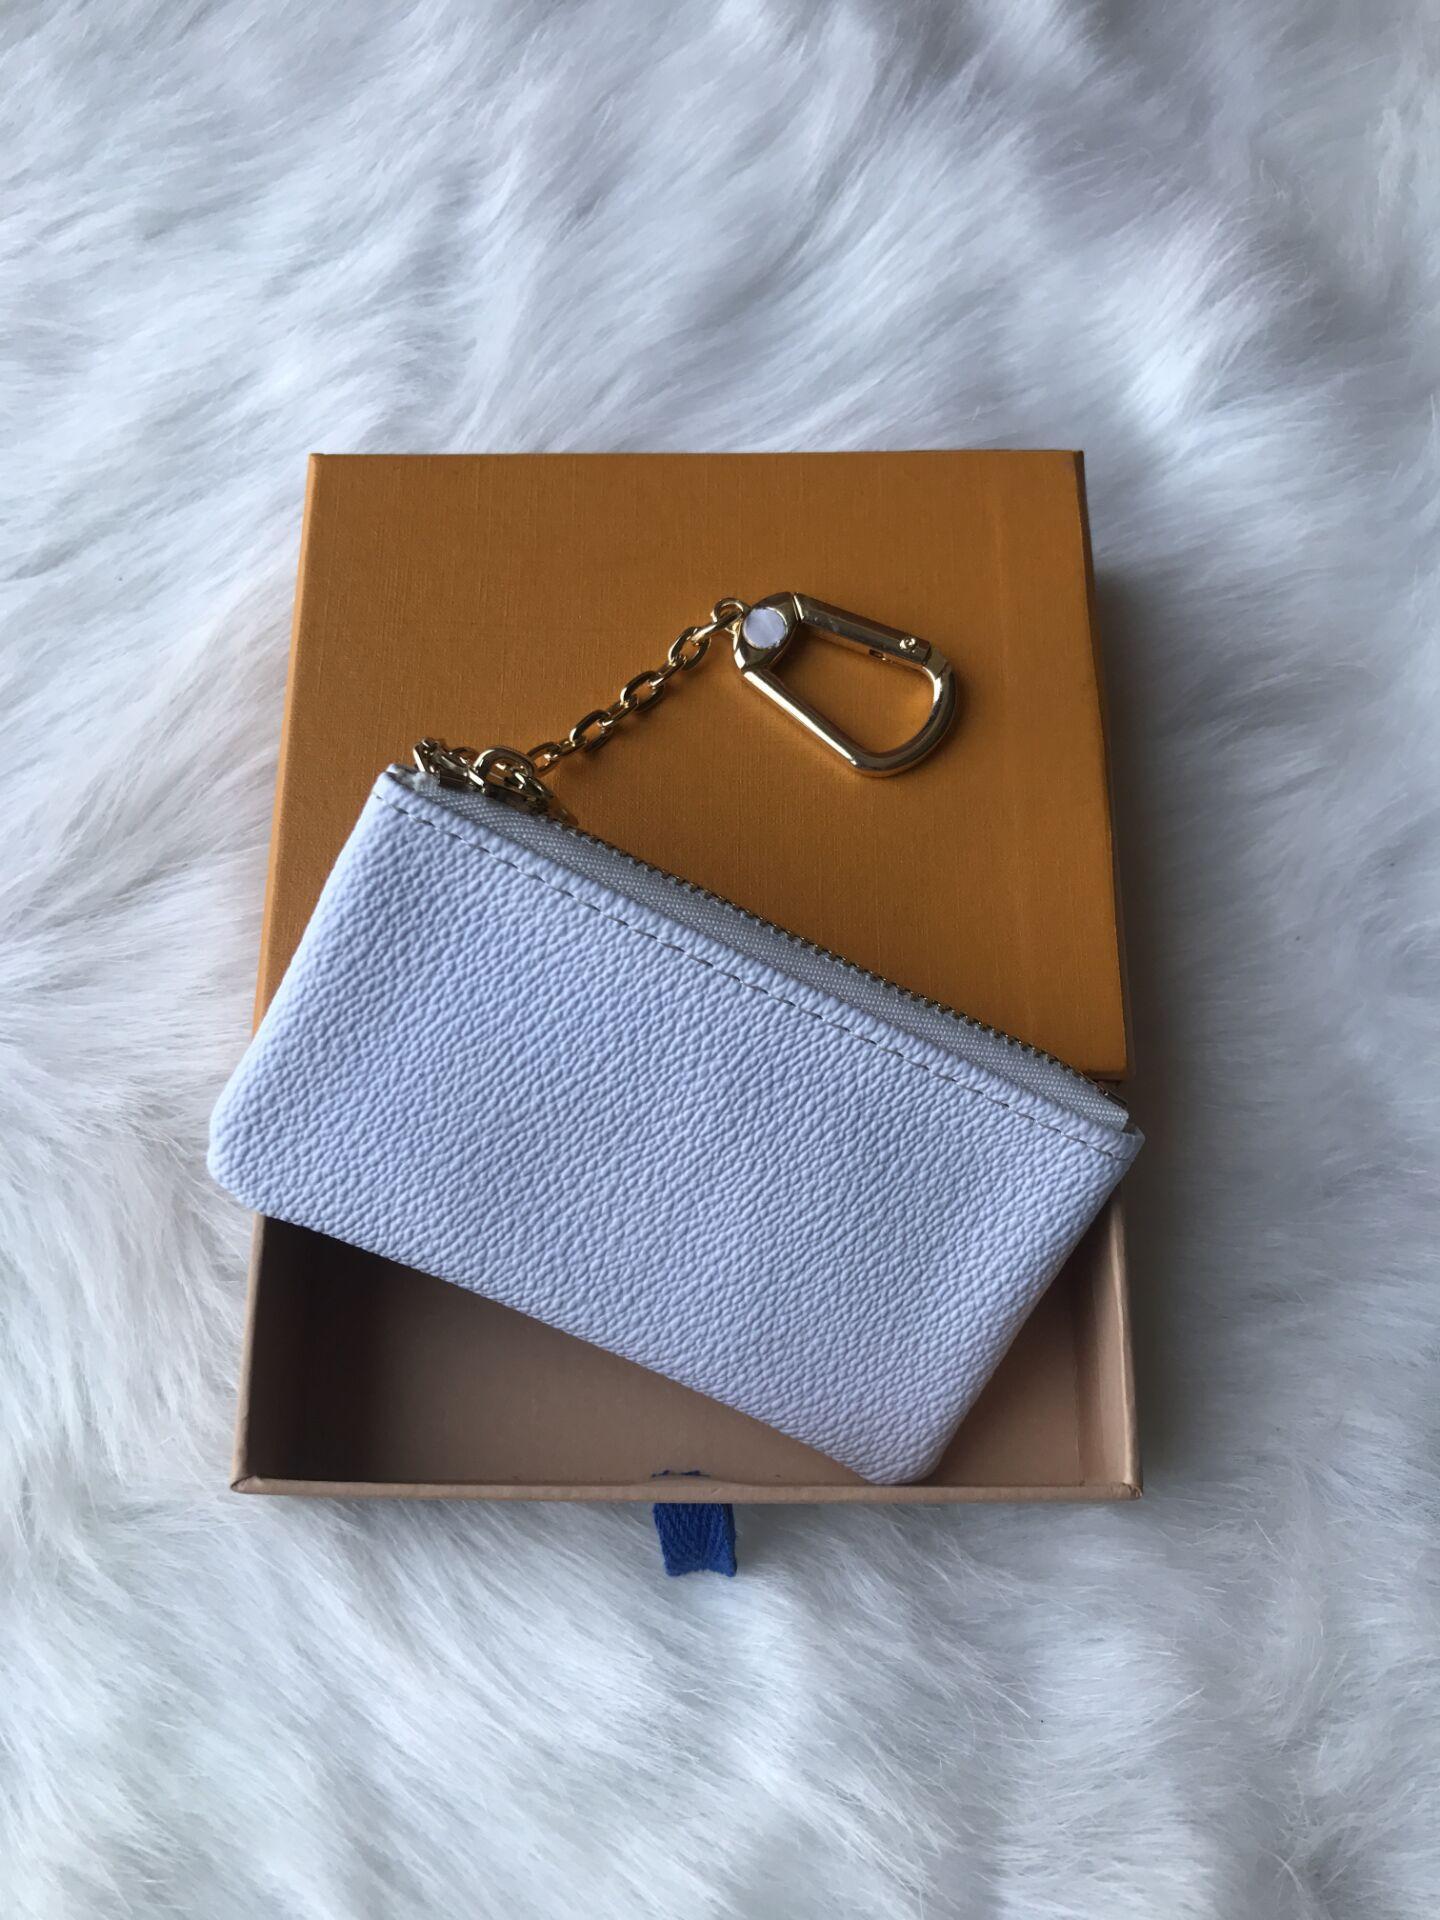 cuero superior CALIENTE de 4 colores bolsa de la llave Damier sostiene mujeres famosas de diseño clásicos de alta calidad llave del monedero de cuero titular de la pequeña Billeteros clave